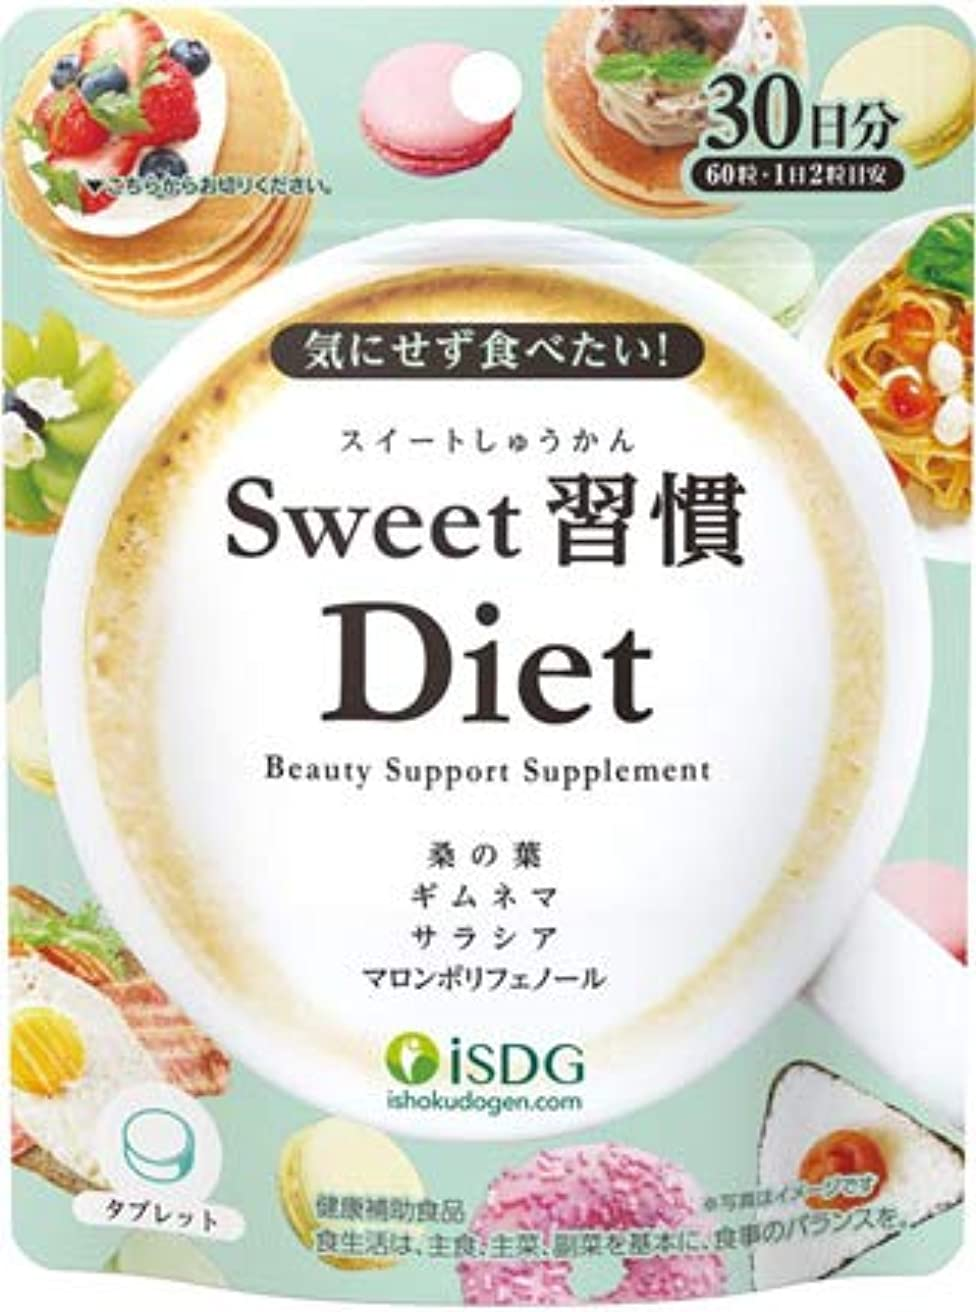 急流先駆者屈辱する医食同源ドットコム 医食同源 Sweet 習慣 Diet 60粒×5個セット スイート ダイエット